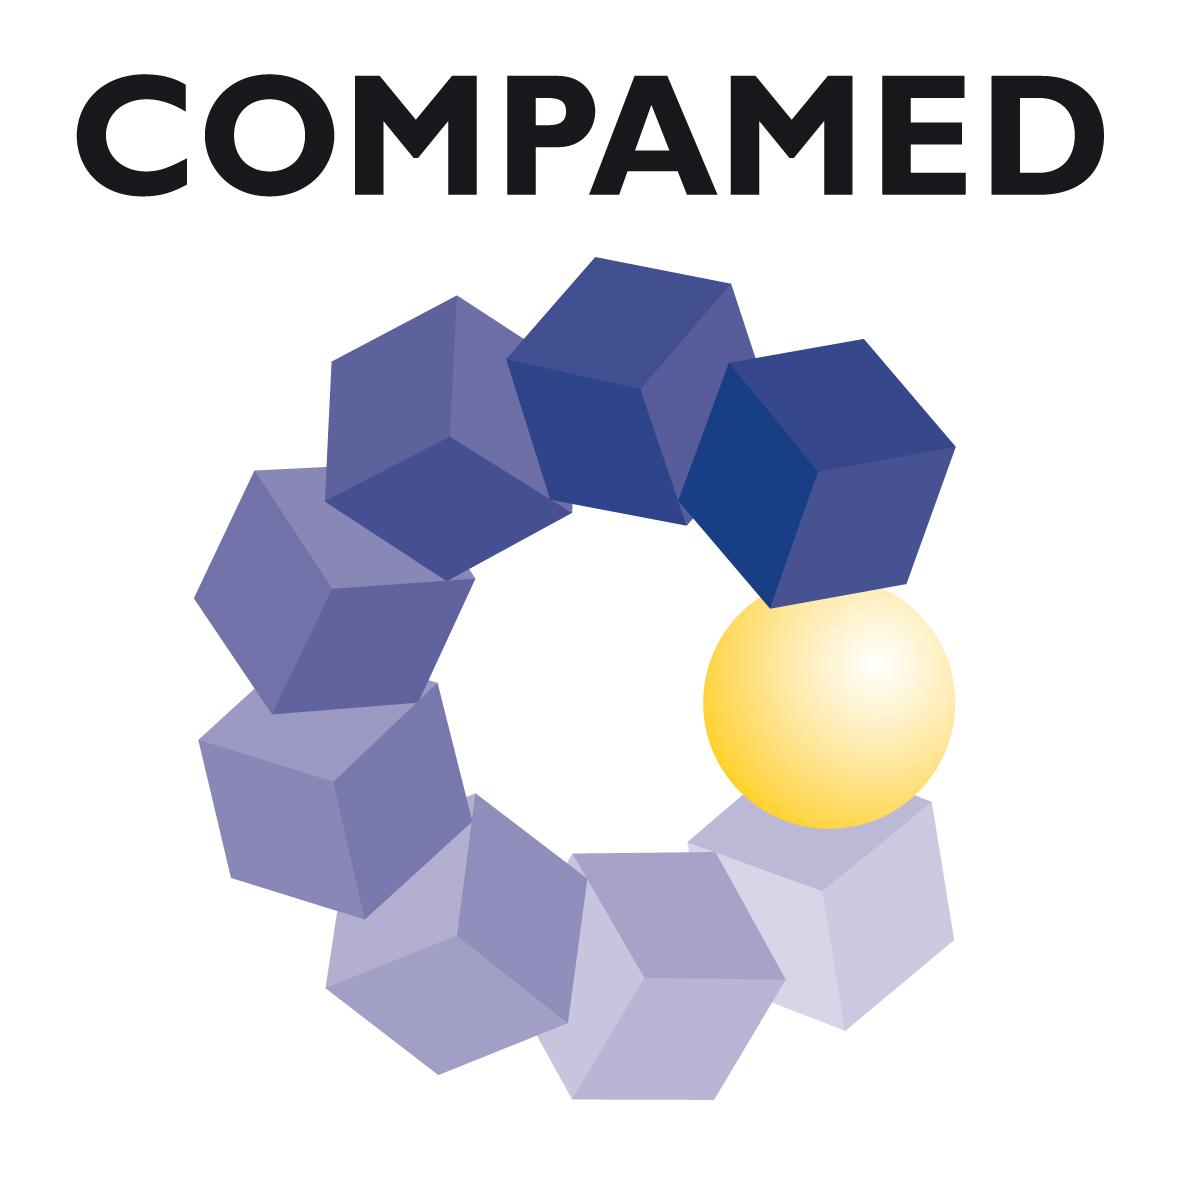 Compamed 2020